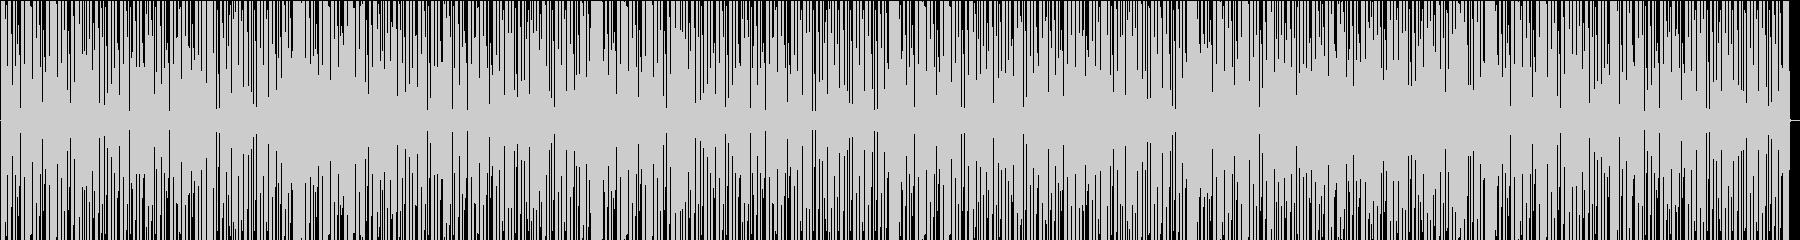 ヒップホップ/ R&B、男性ボーカ...の未再生の波形